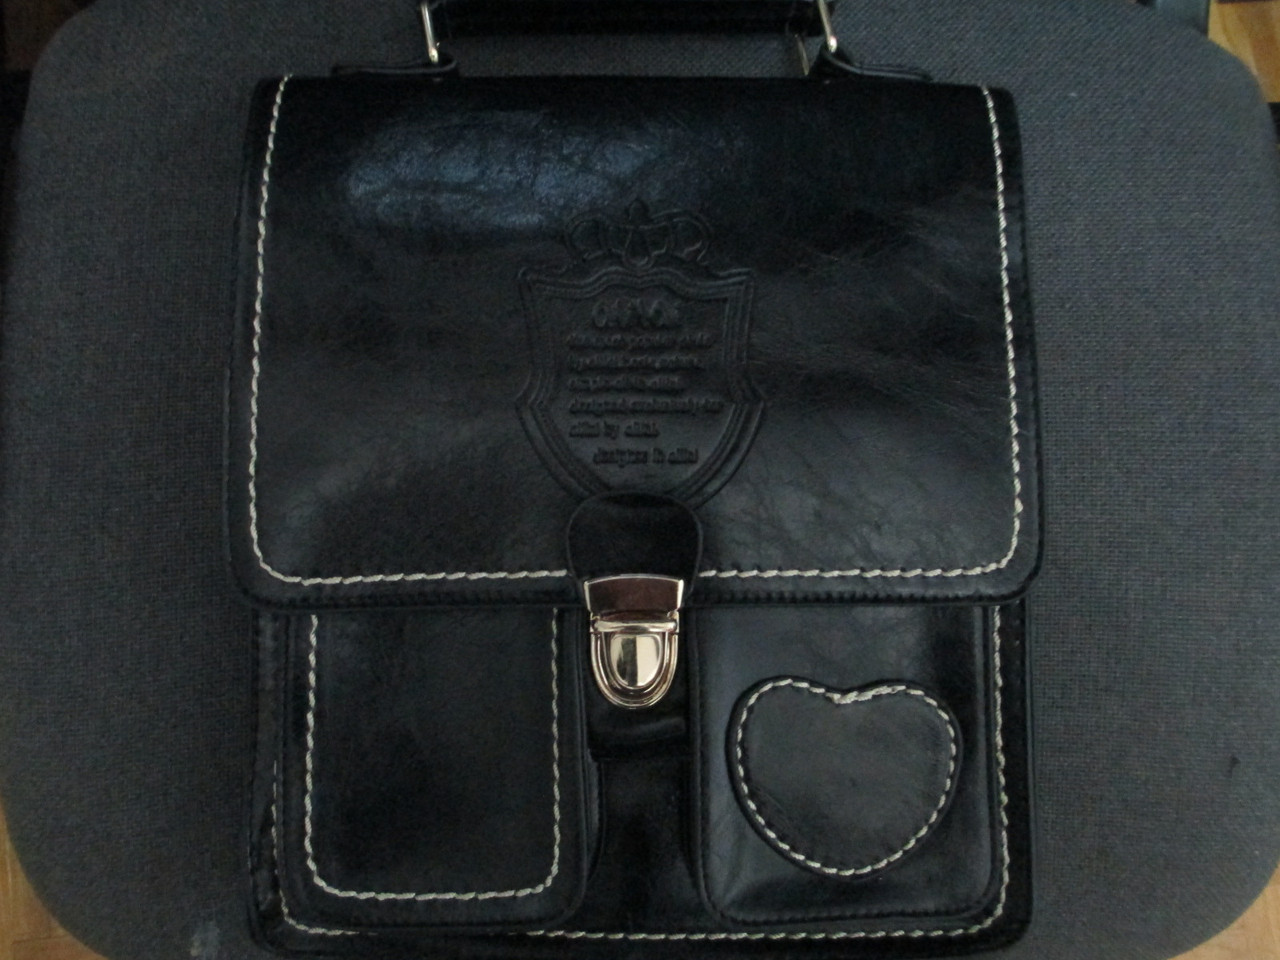 Кожаная  сумка ALILAI производства Индонезия. Сумка планшет через плечо. Городской рюкзак.